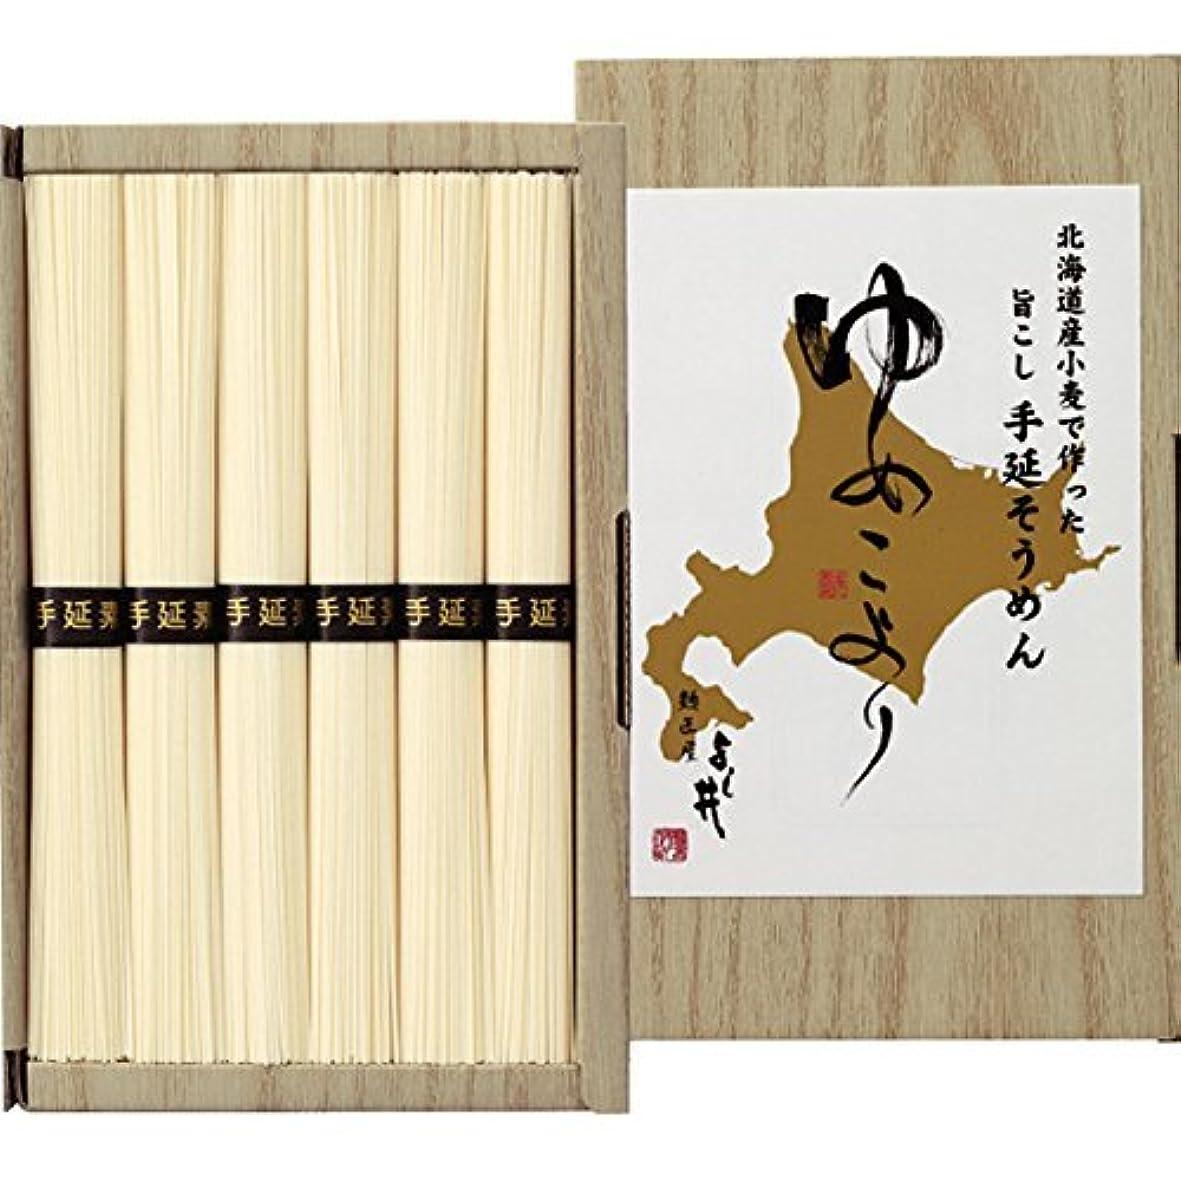 対応する酔った素晴らしき麺正屋 よし井 北海道小麦で作った手延そうめん「ゆめこより」 HKD-10K